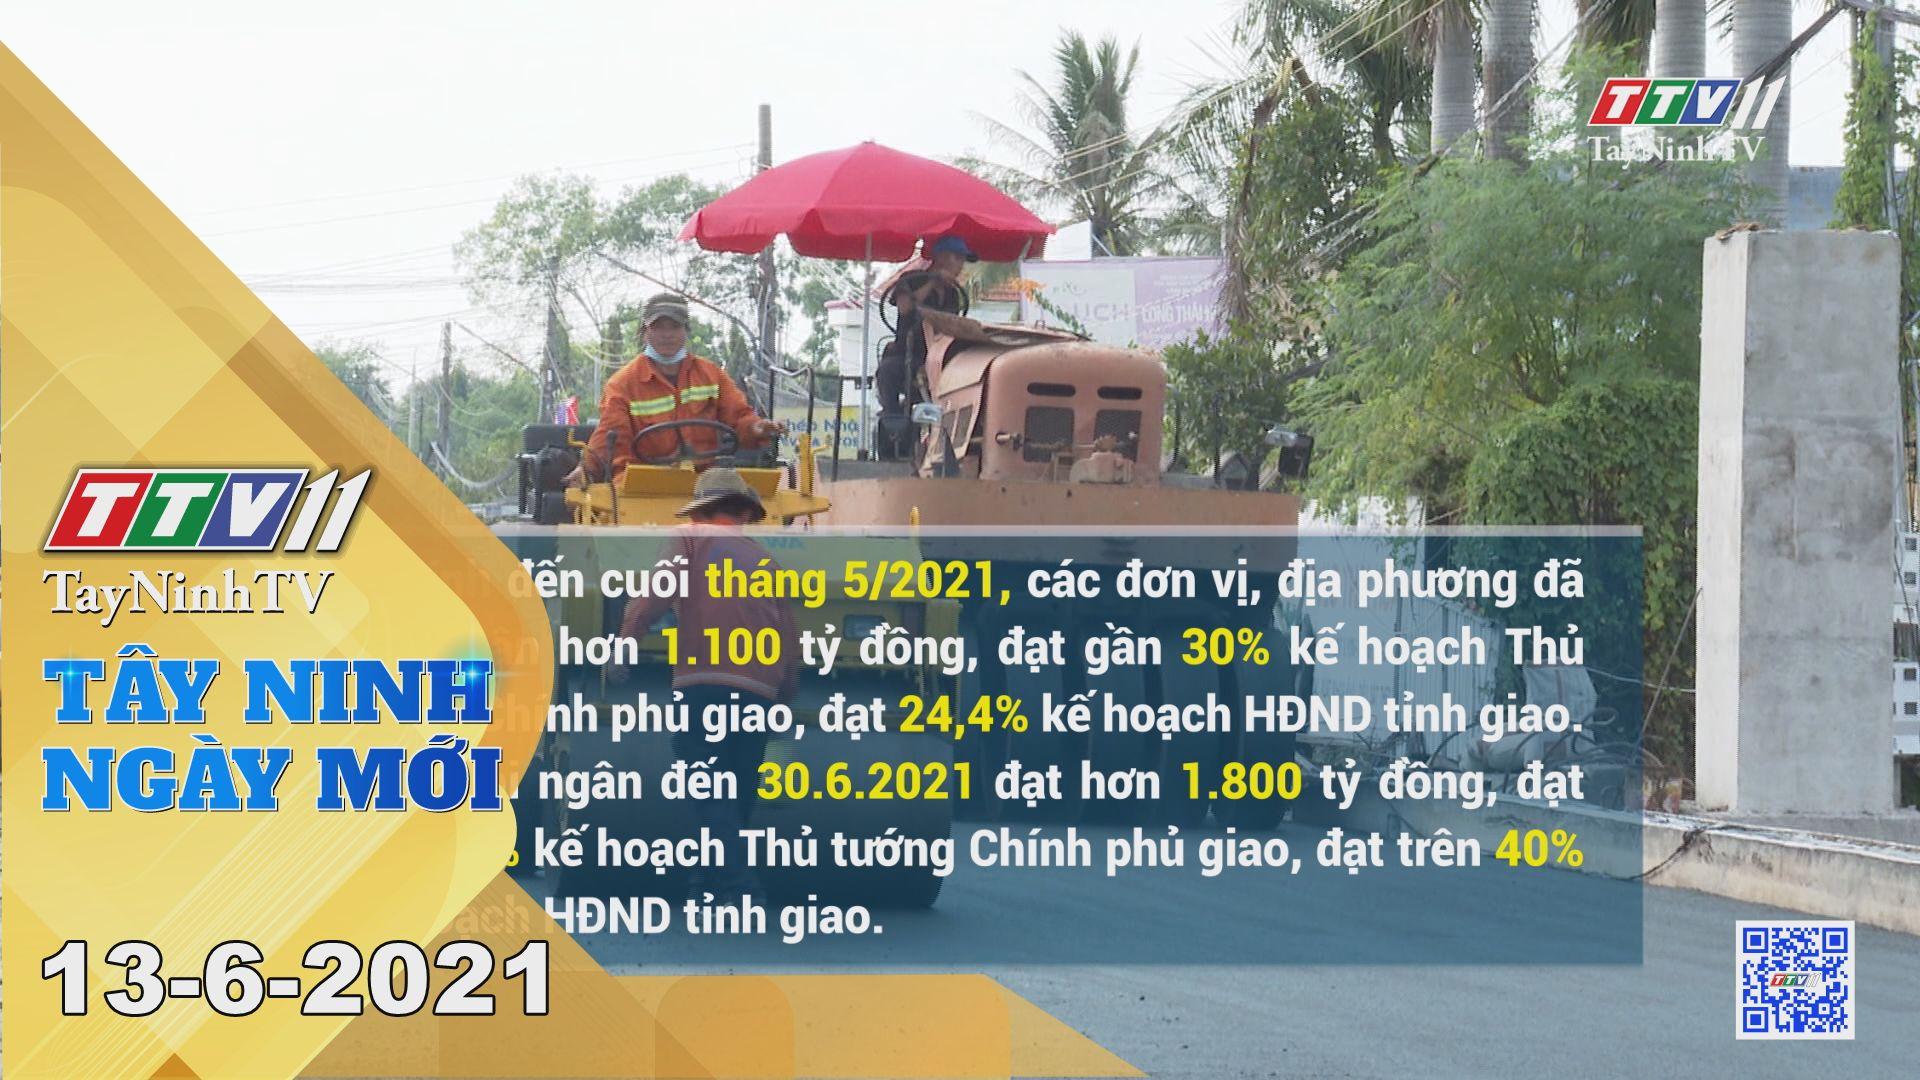 Tây Ninh Ngày Mới 13-6-2021 | Tin tức hôm nay | TayNinhTV